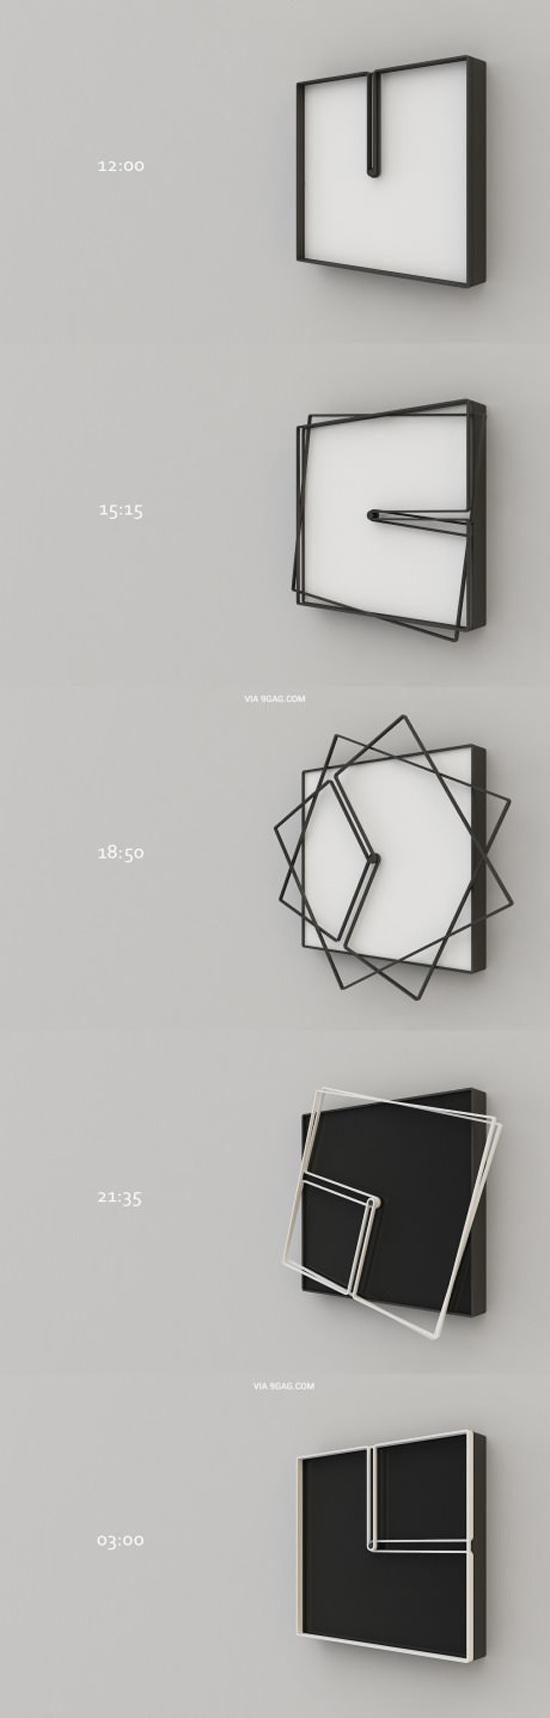 挂钟创意设计.jpg